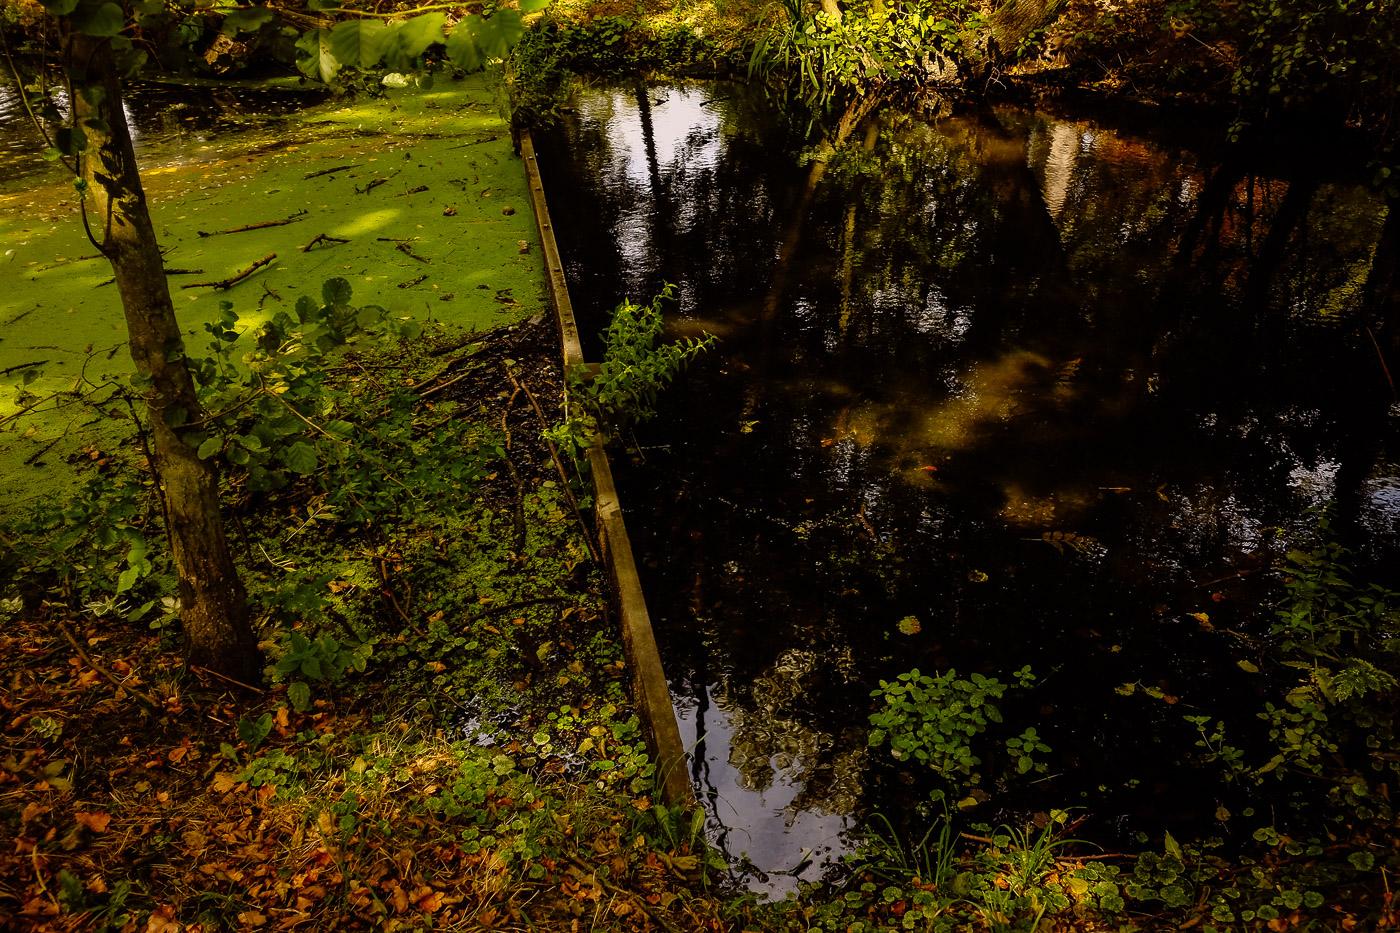 hb images - Inselpark Park - 4